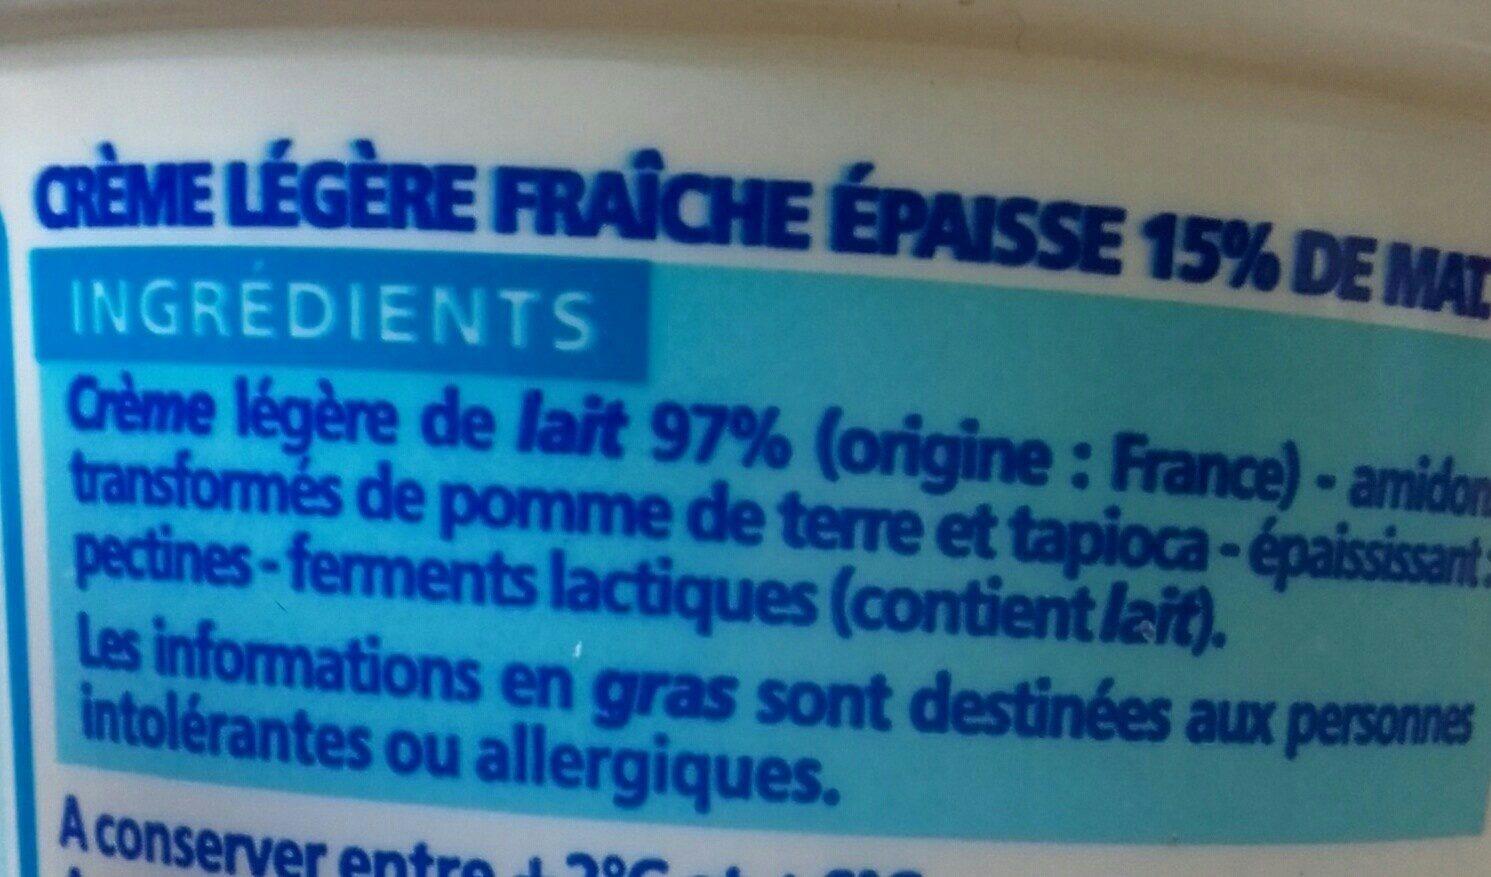 Crème fraîche épaisse légère 15% de mat. gr. - Ingrediënten - fr